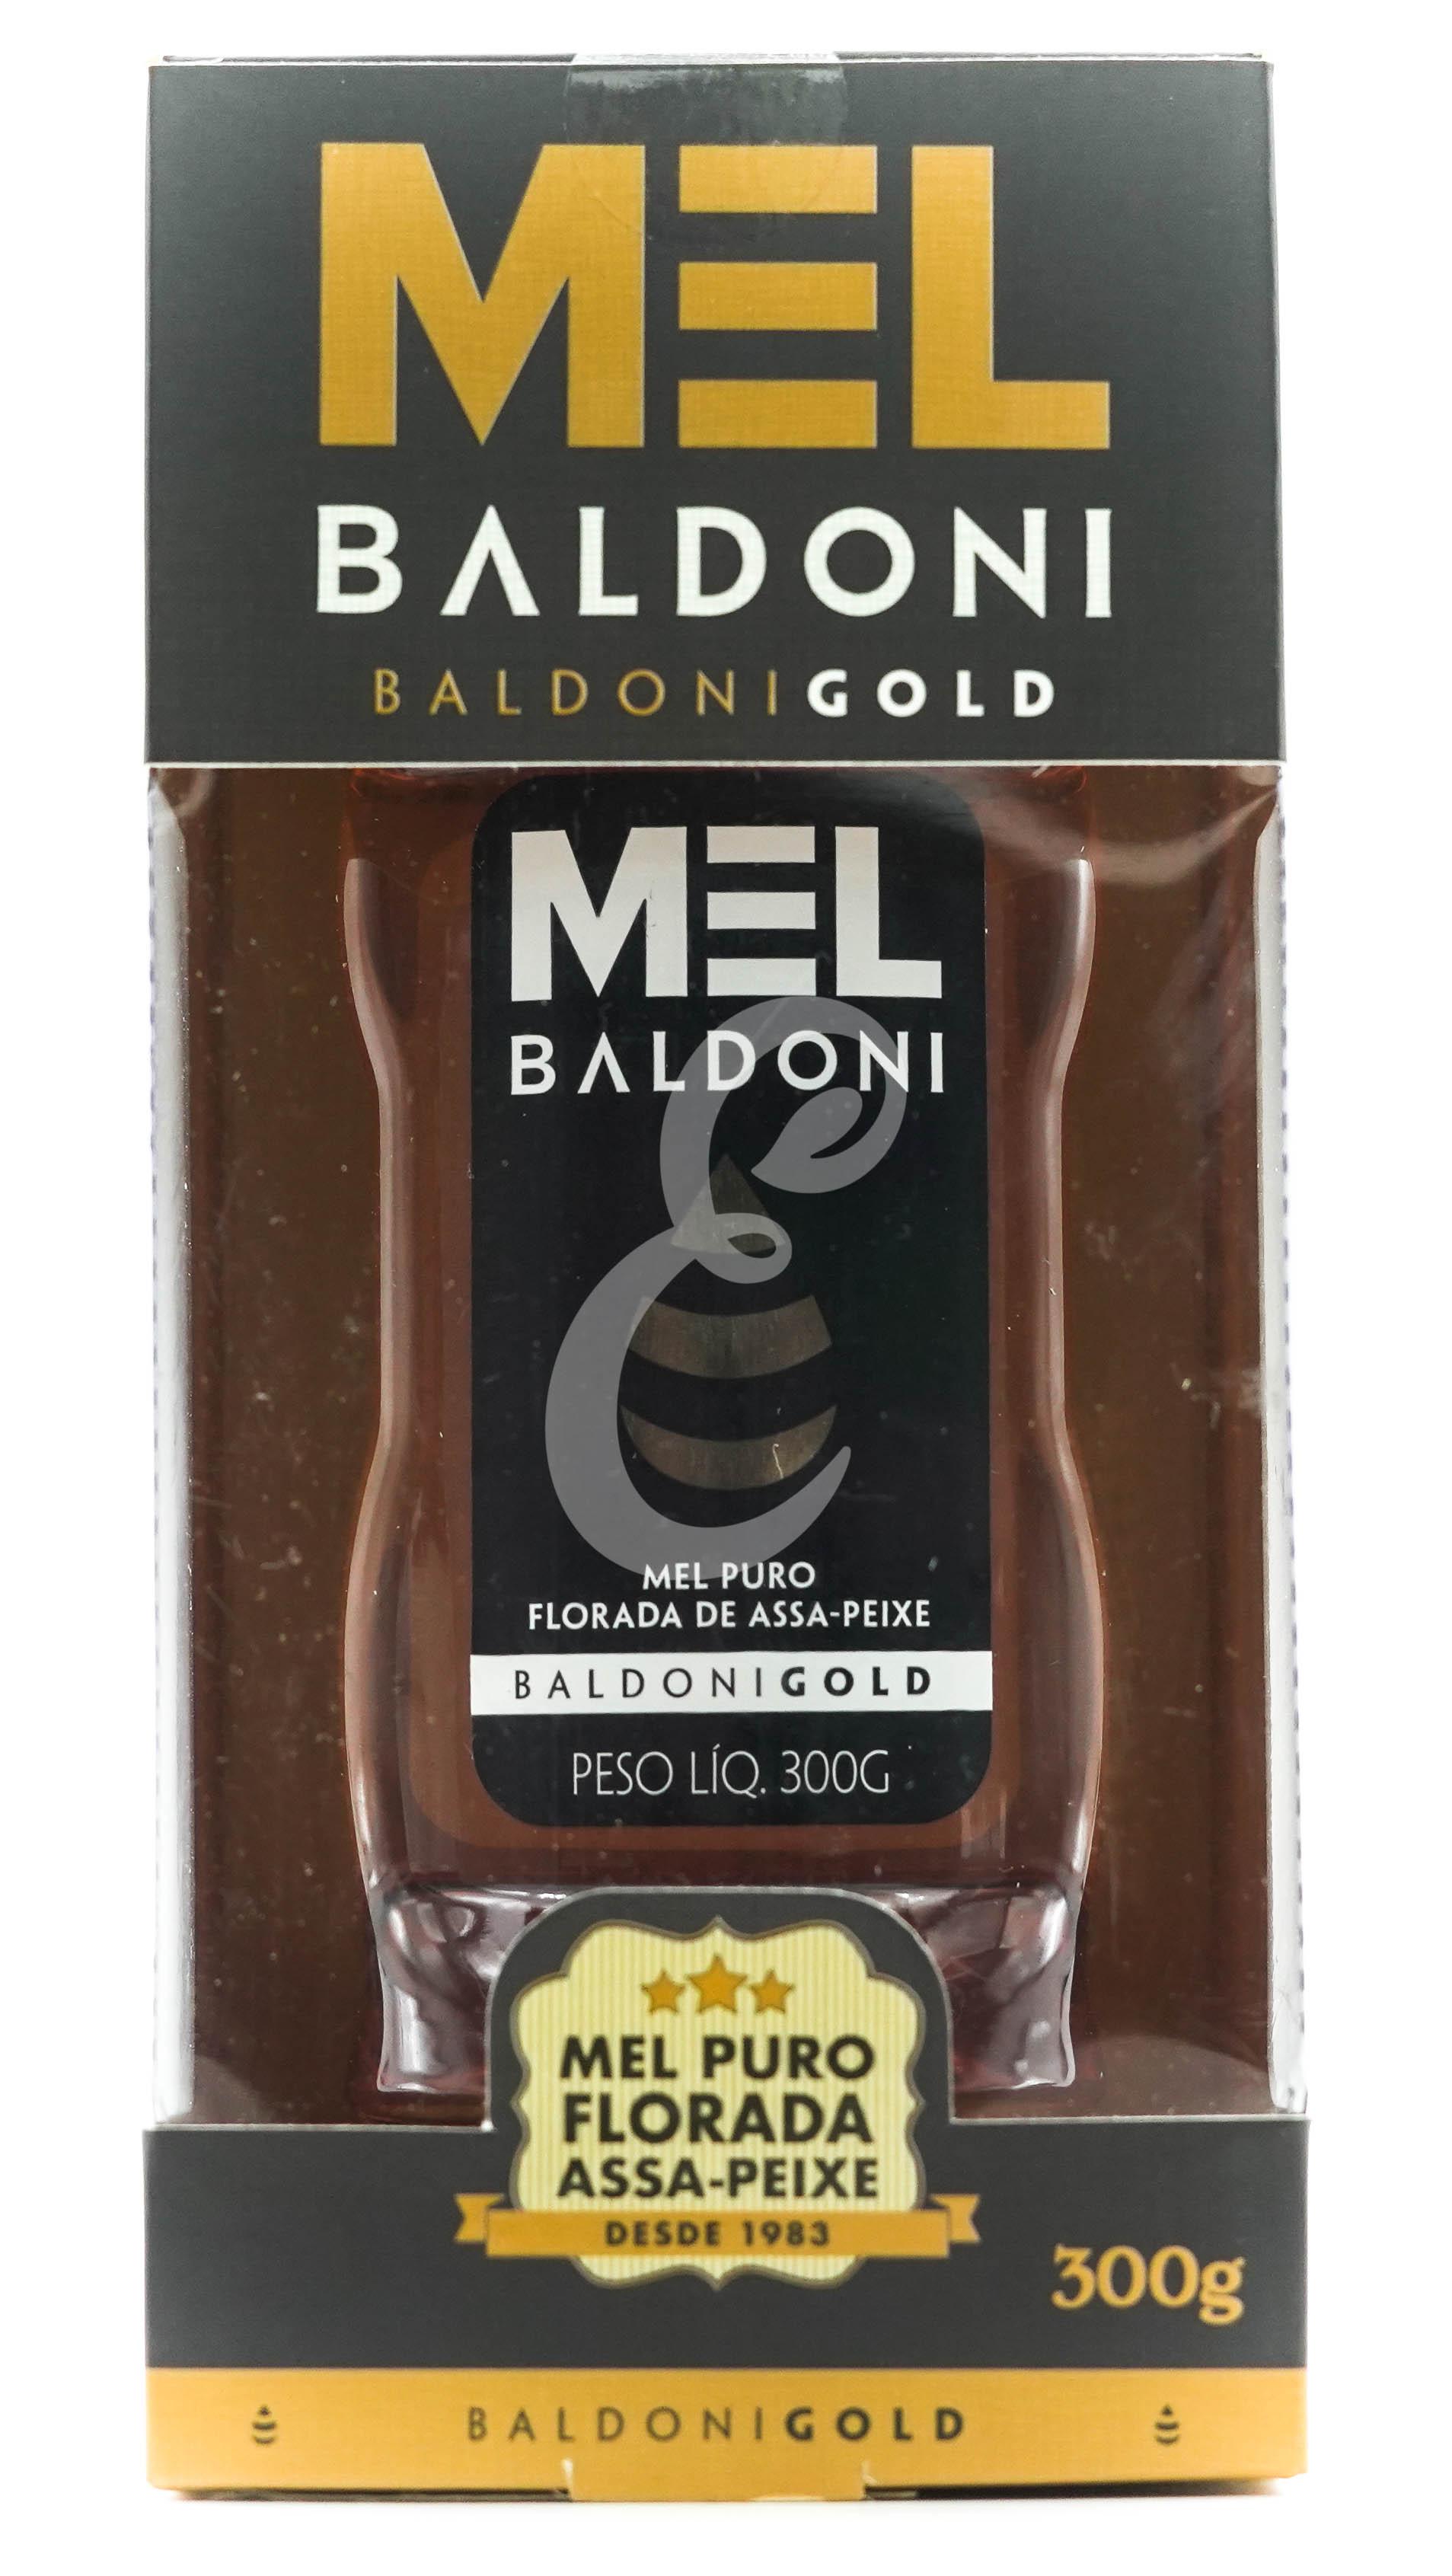 MEL ASSA PEIXE BALDONI GOLD 300g